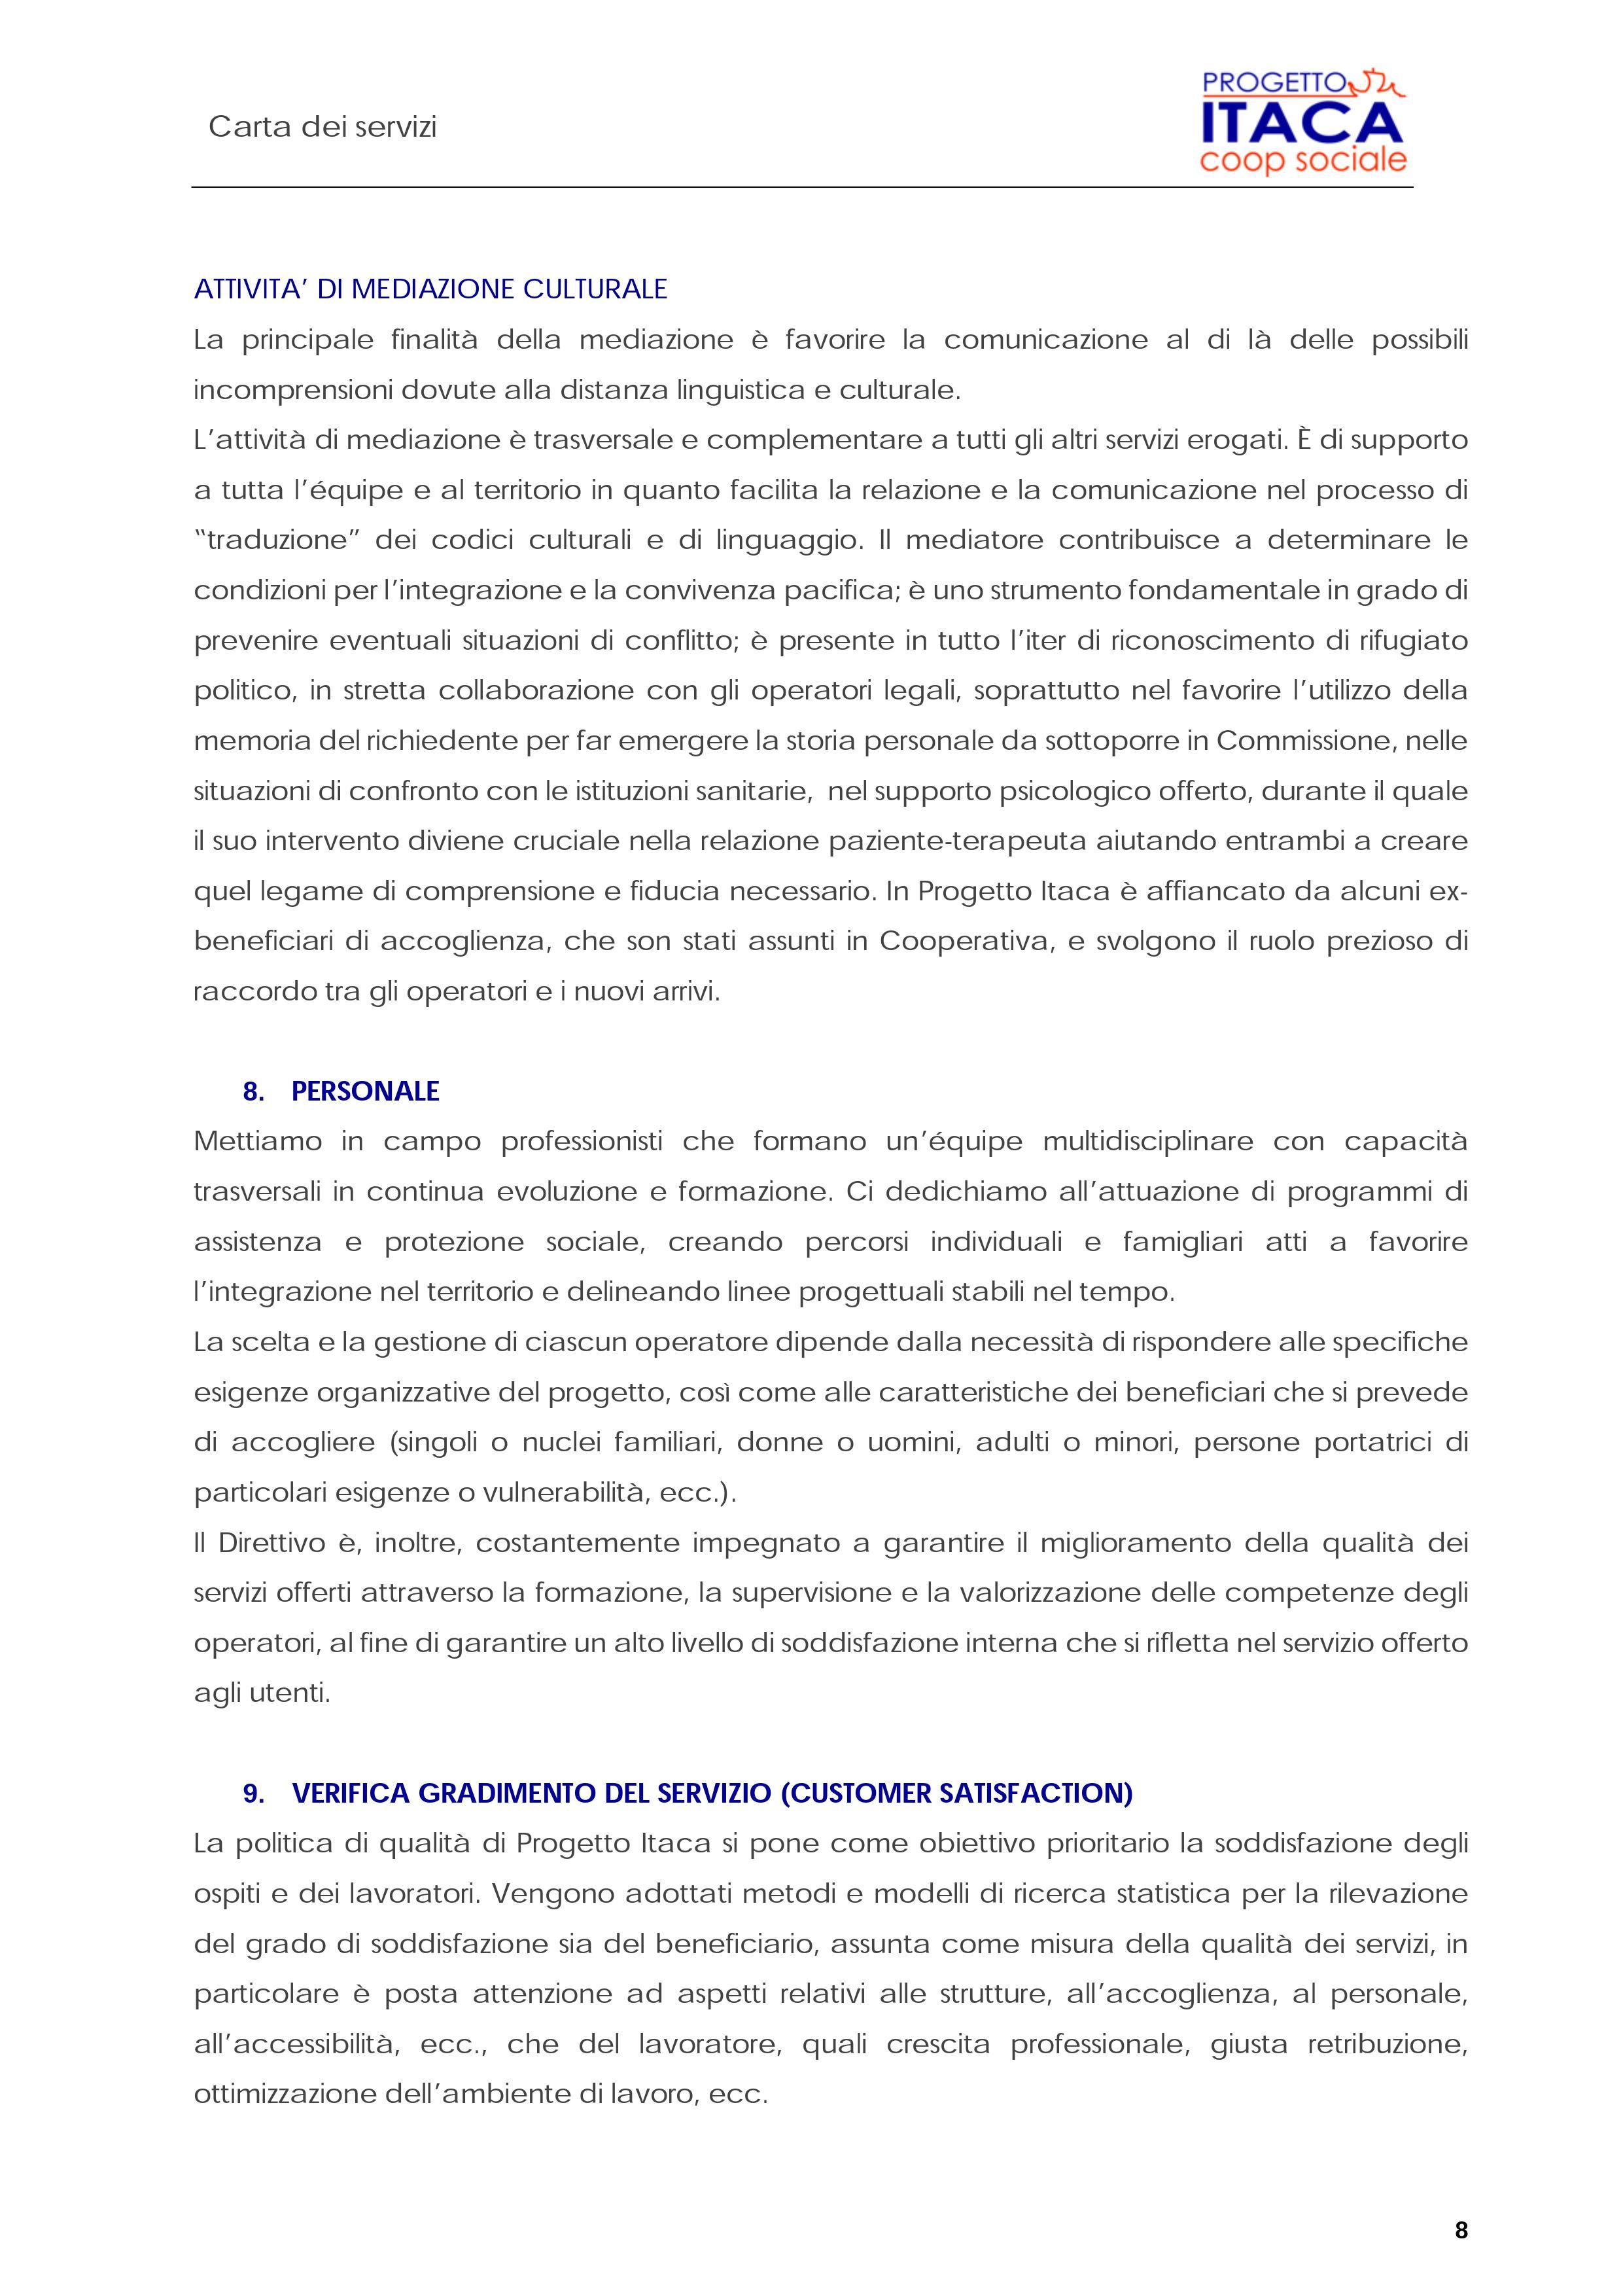 Carta dei Servizi pag. 9